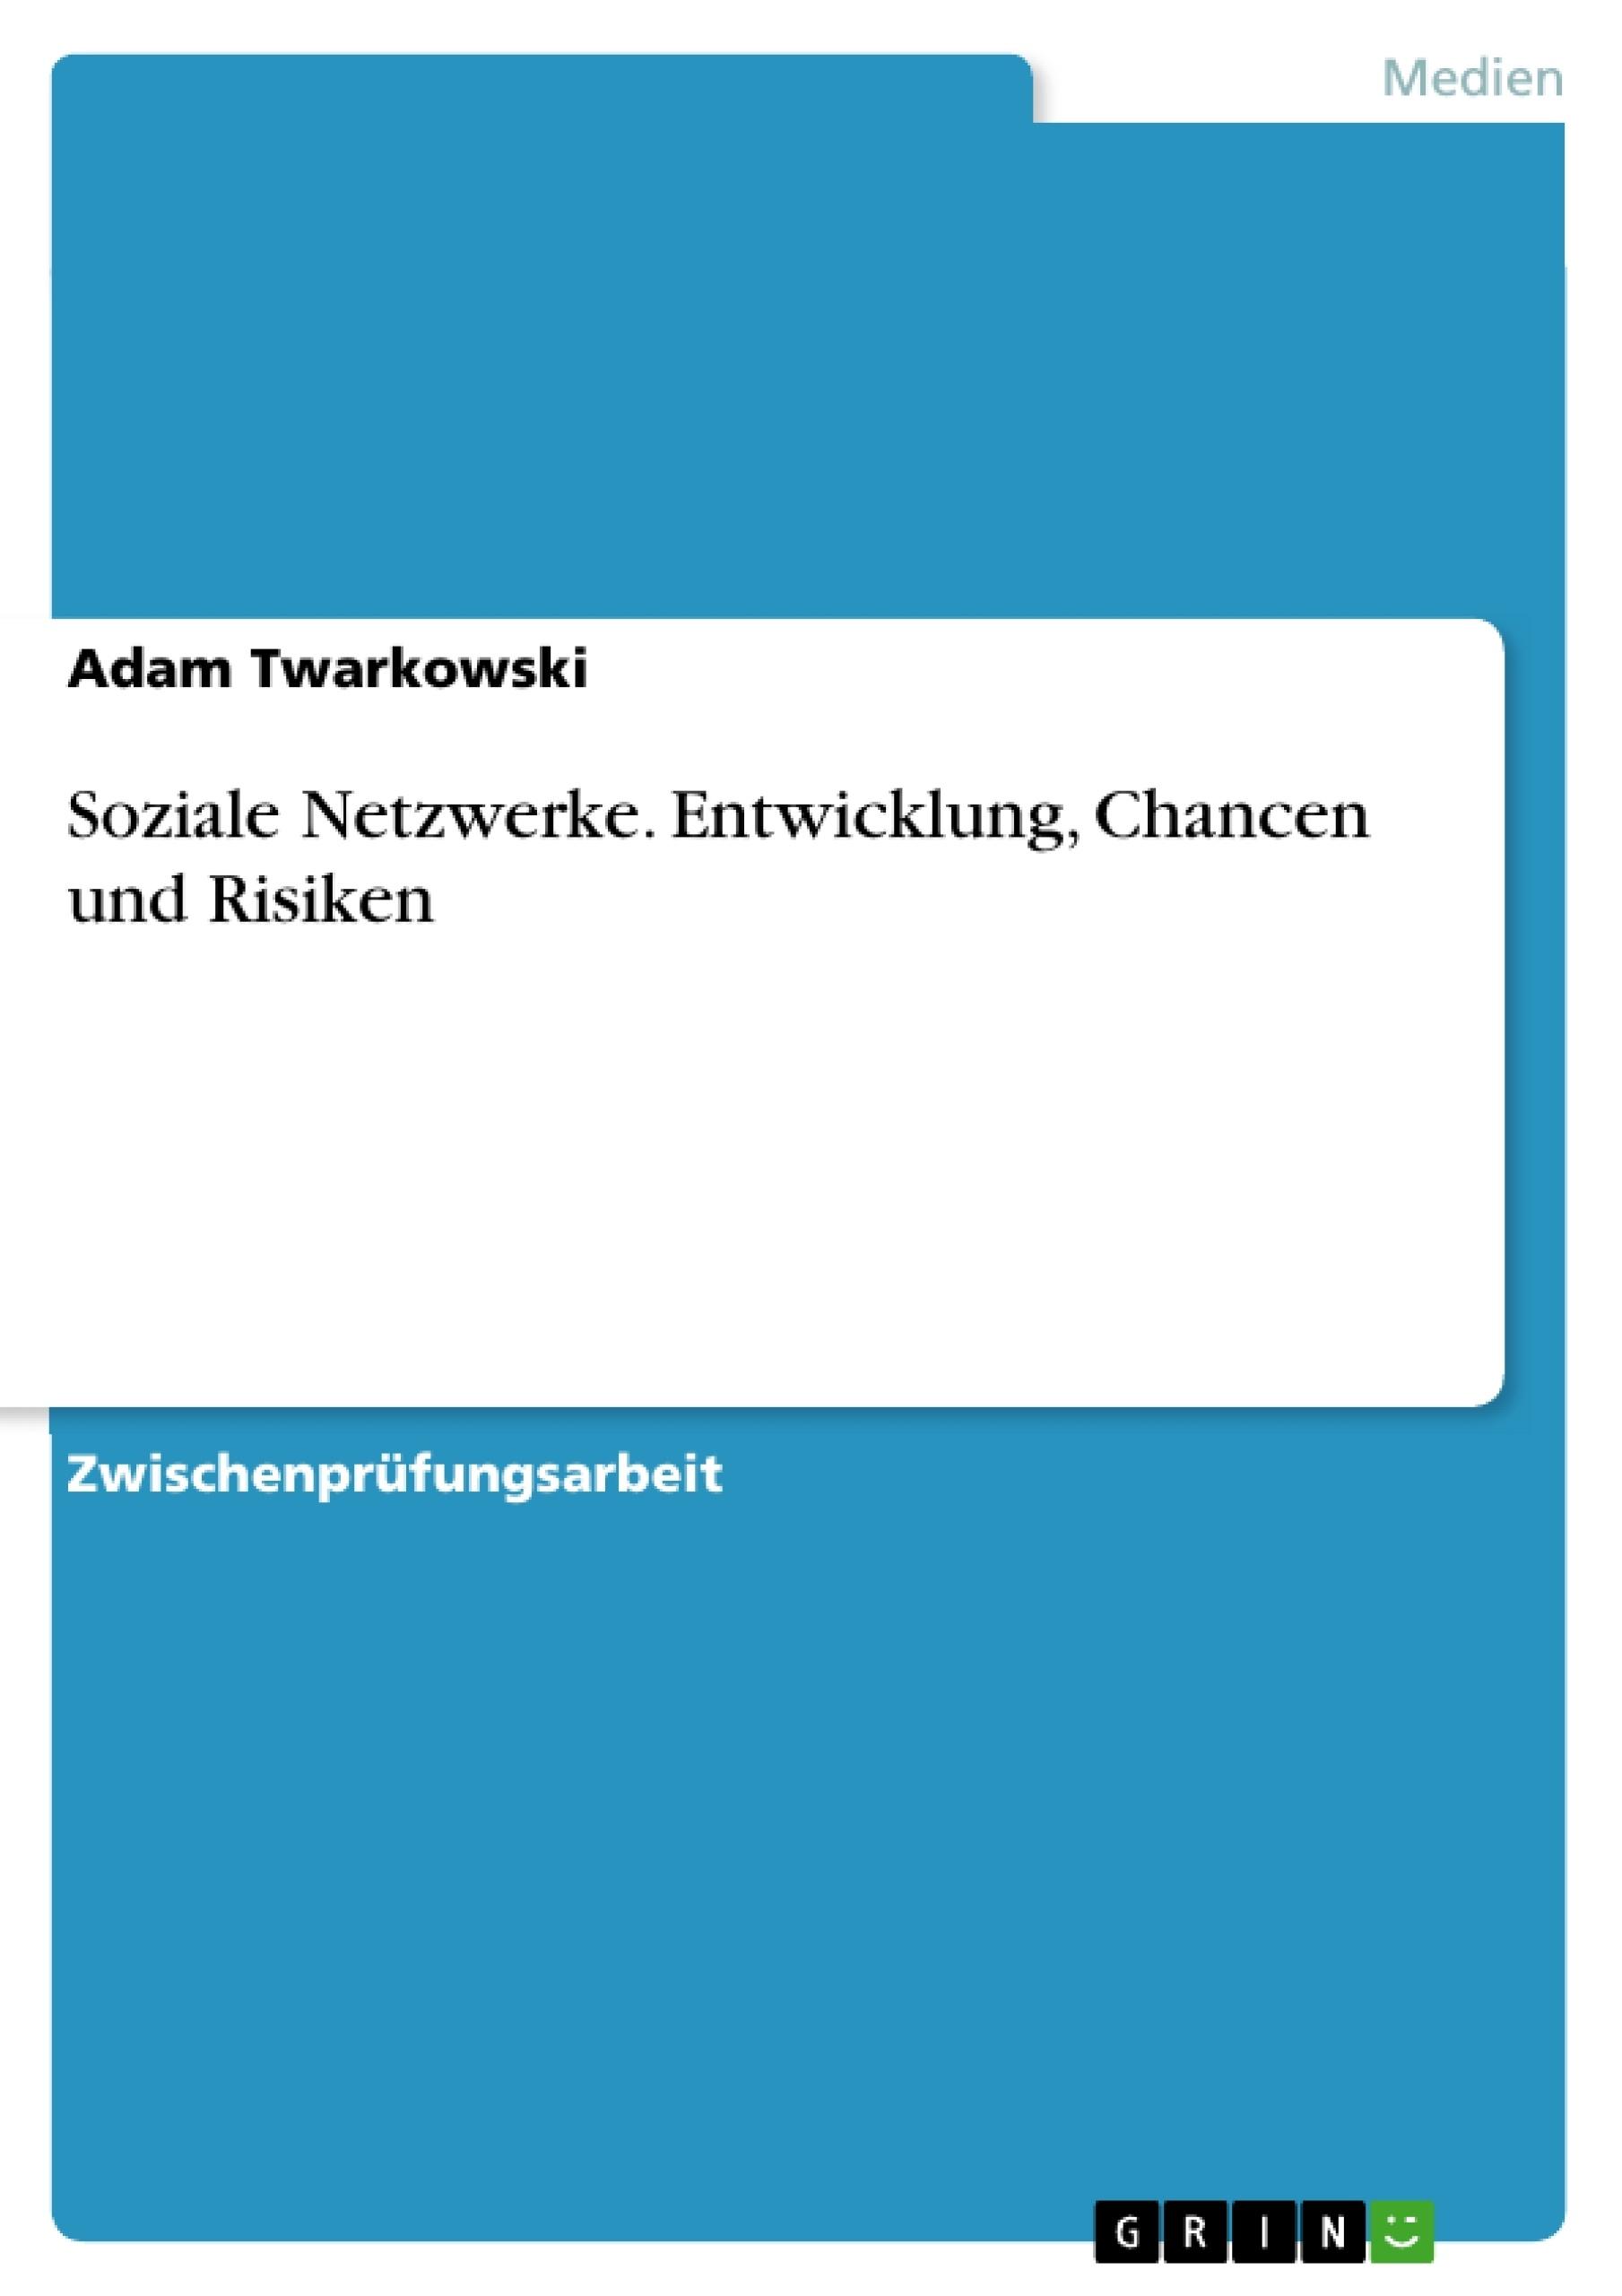 Titel: Soziale Netzwerke. Entwicklung, Chancen und Risiken